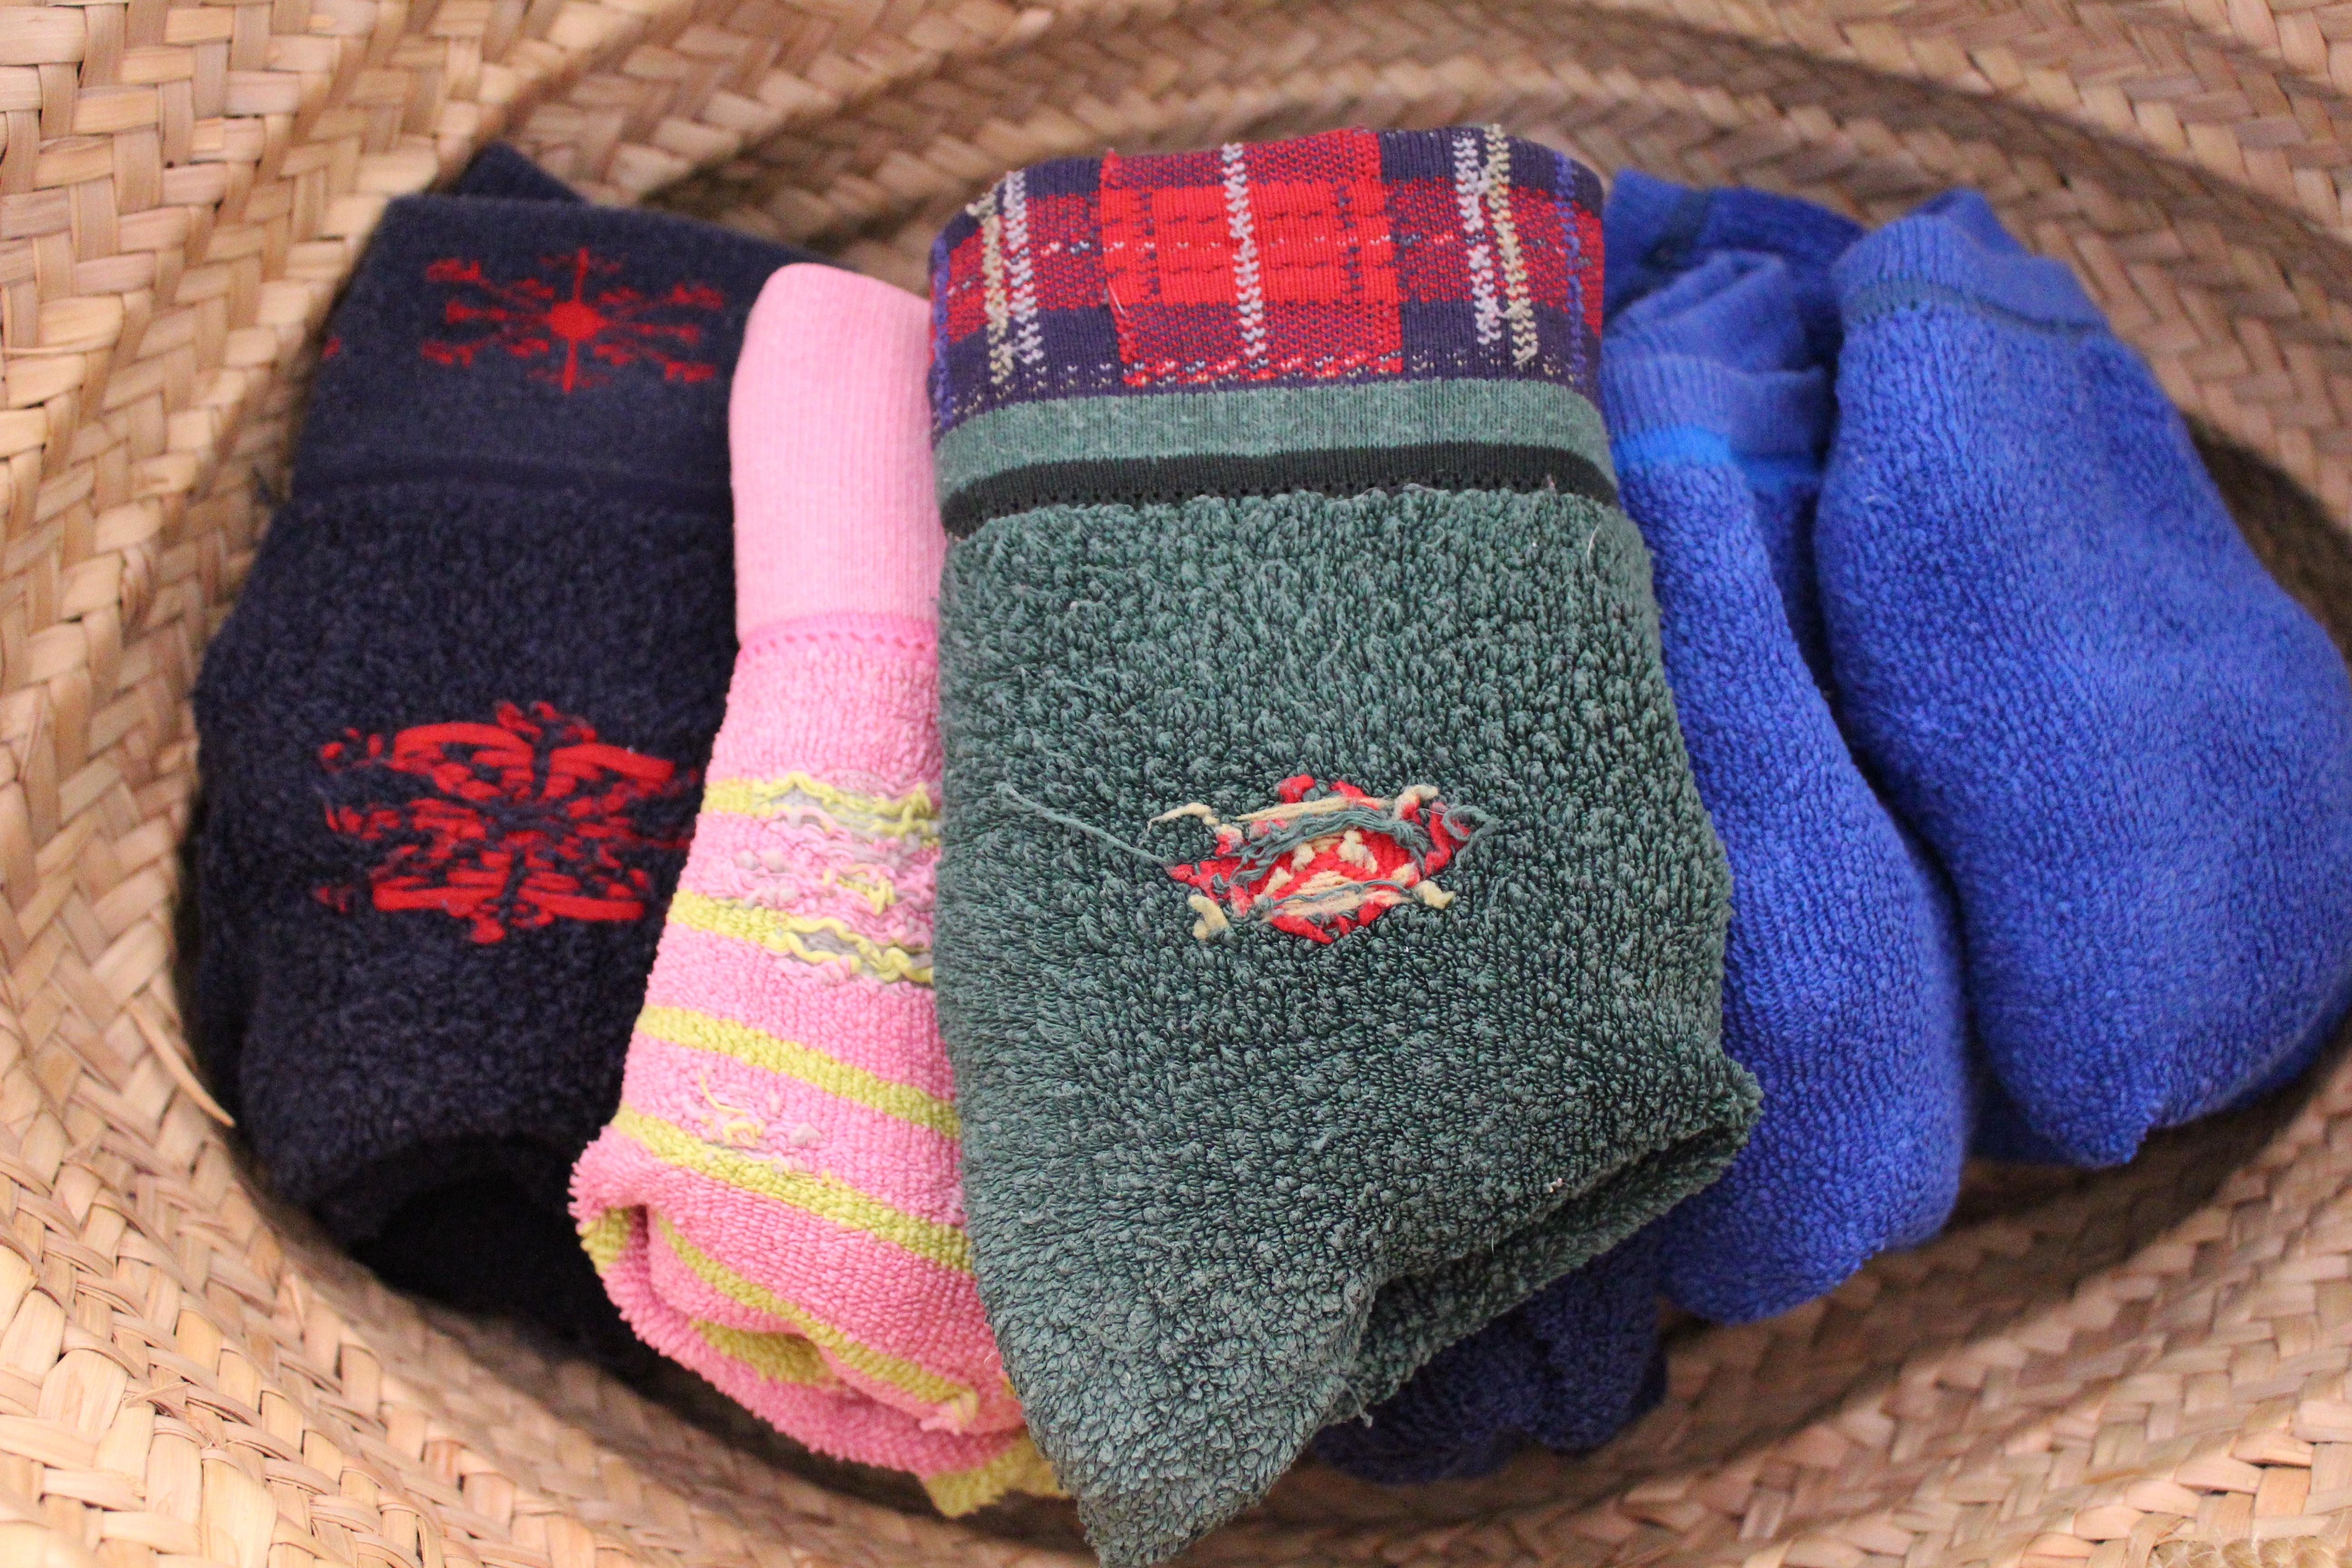 Kostenlose foto : Muster, bunt, Korb, Wolle, Stricken, Textil ...